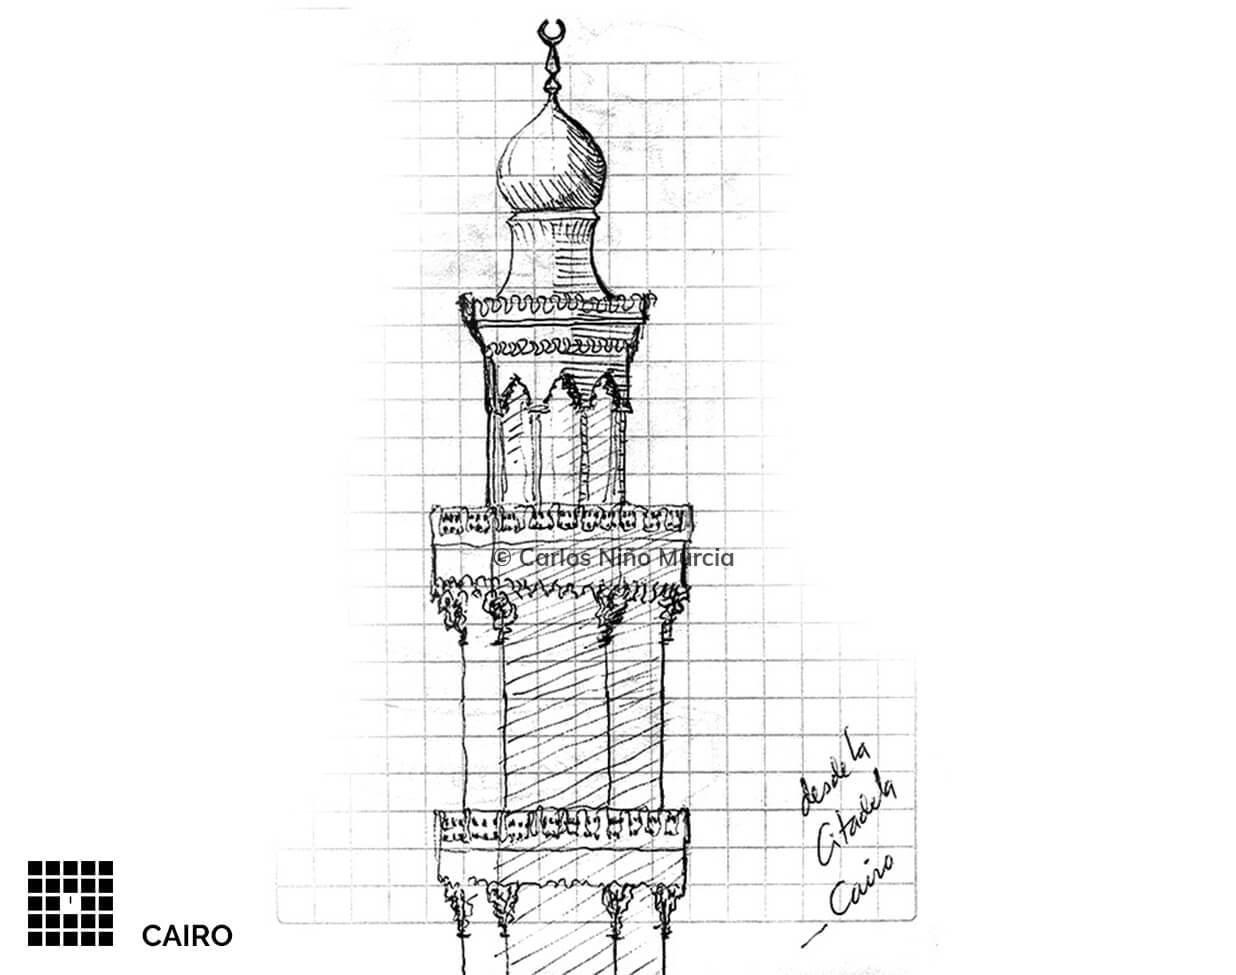 dibujo-arq-28